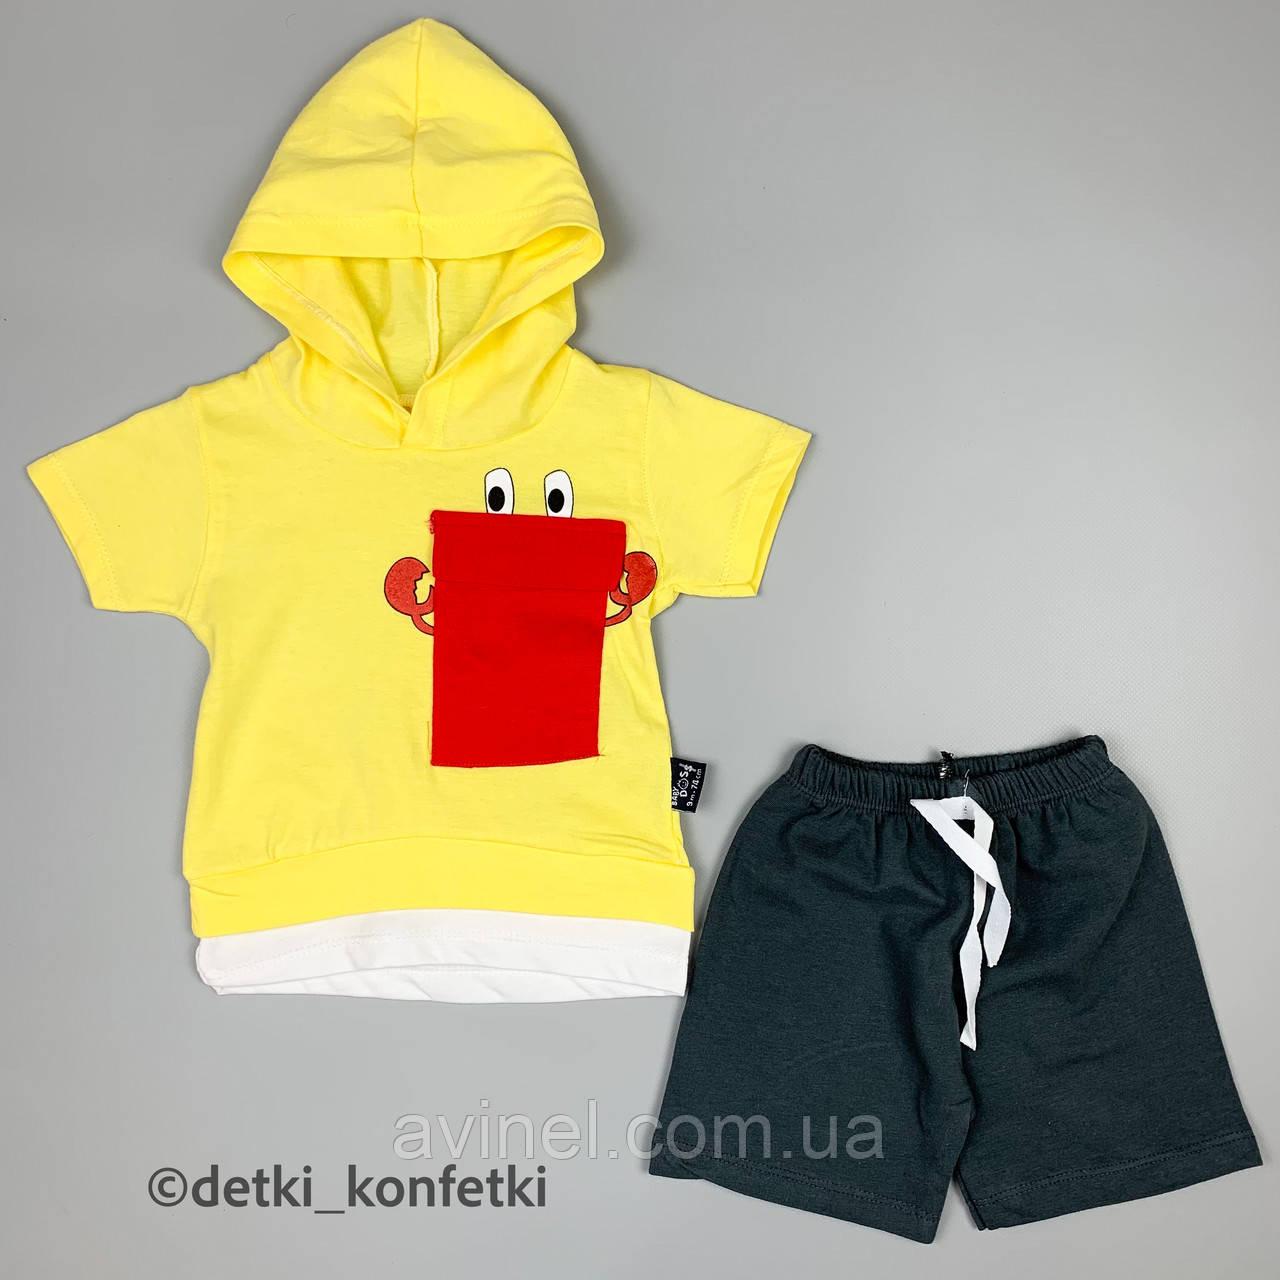 Комплект футболка, шорты жёлтый Интерлок Babydadoss Турция 74 (р)